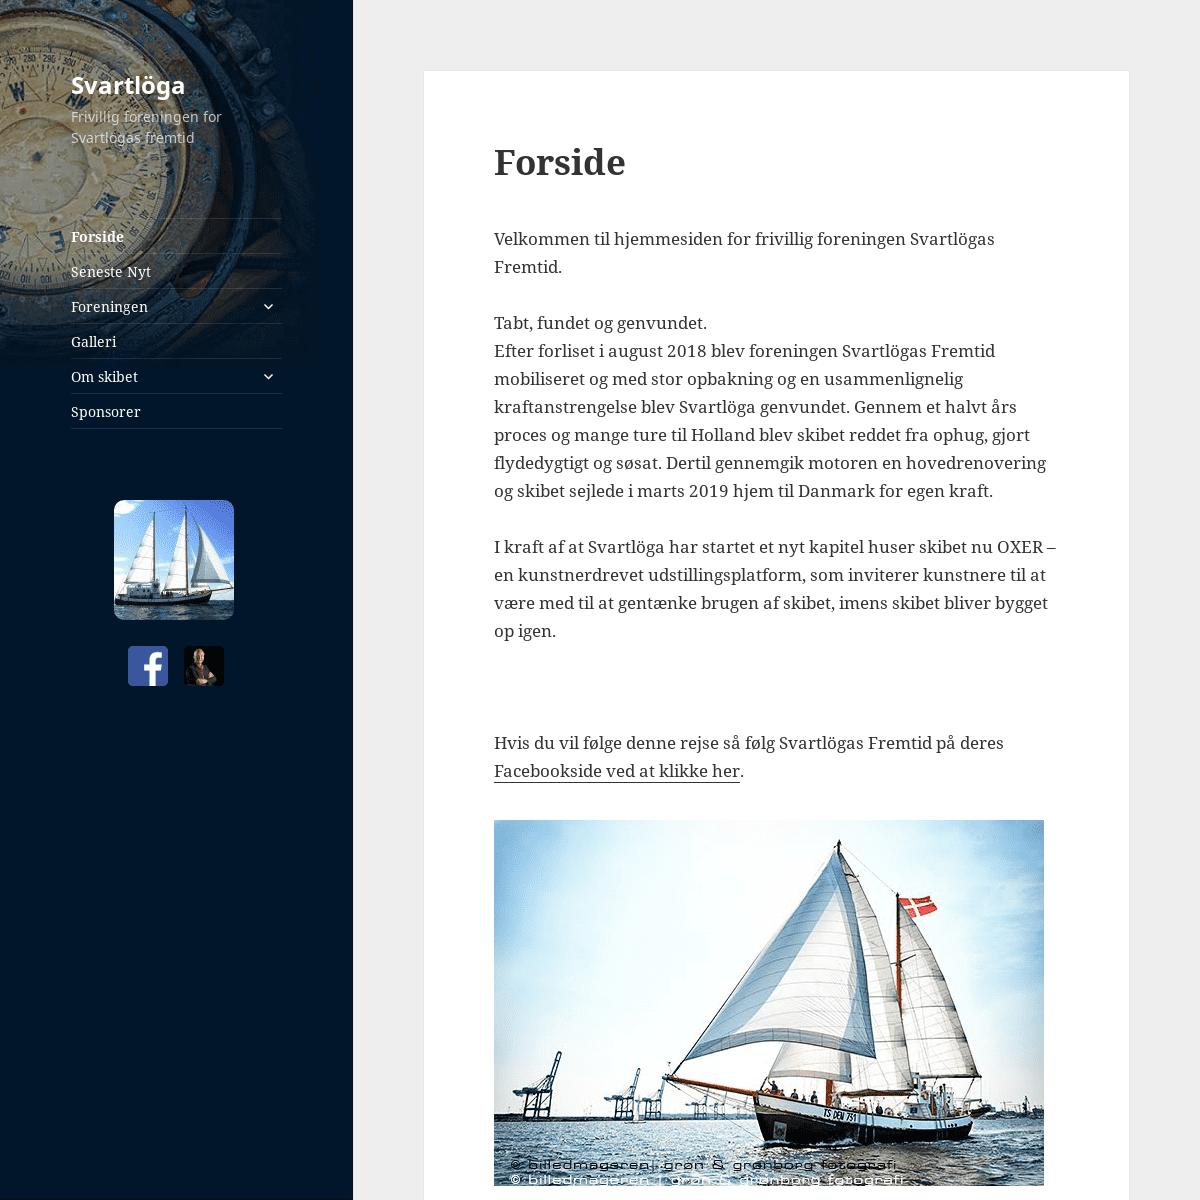 Svartlöga – Frivillig foreningen for Svartlögas fremtid